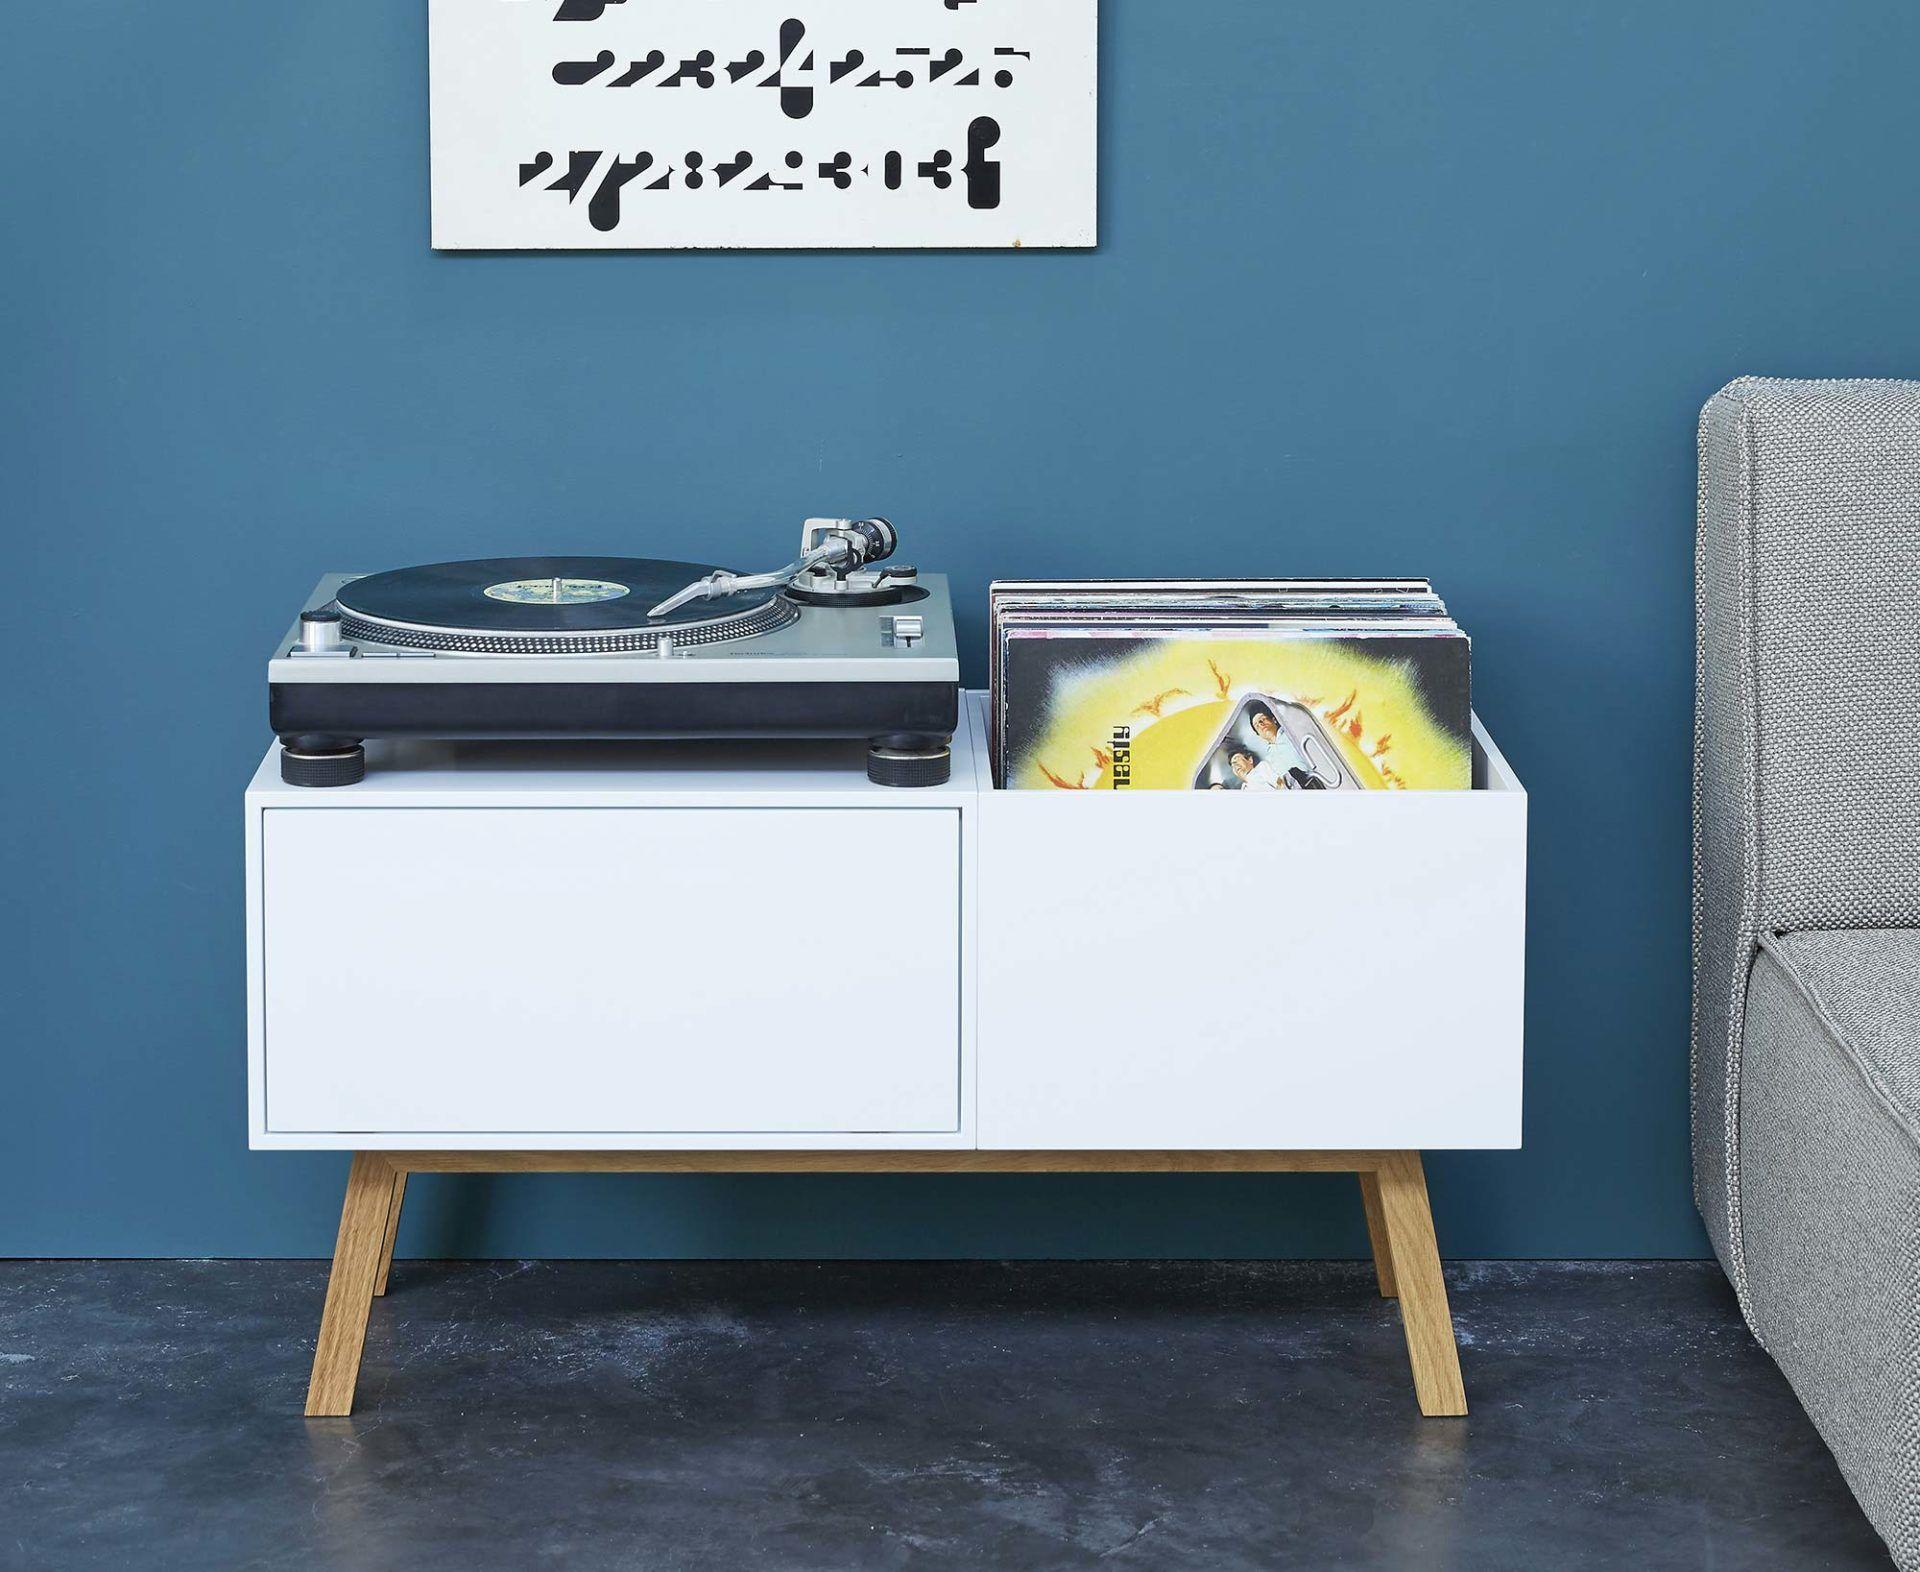 46 Meubles Pour Ranger Des Vinyles En 2020 Meuble Vinyle Mobilier De Salon Meuble Pour Platine Vinyle